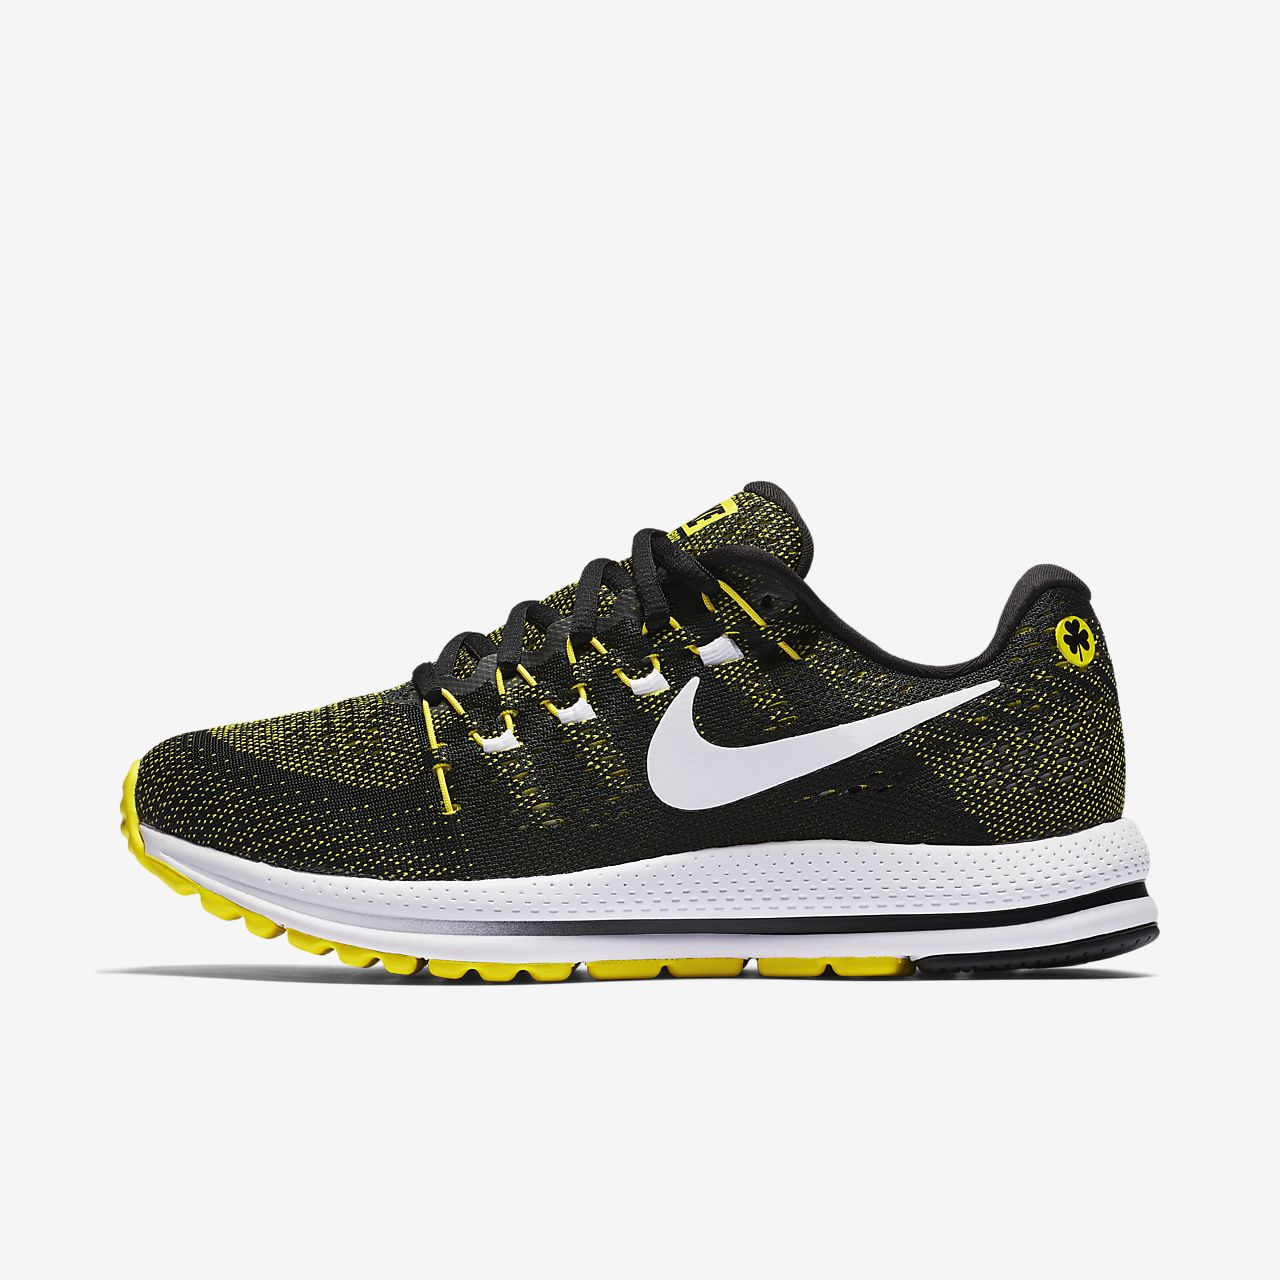 nike shoes vomero 12 boston 905028